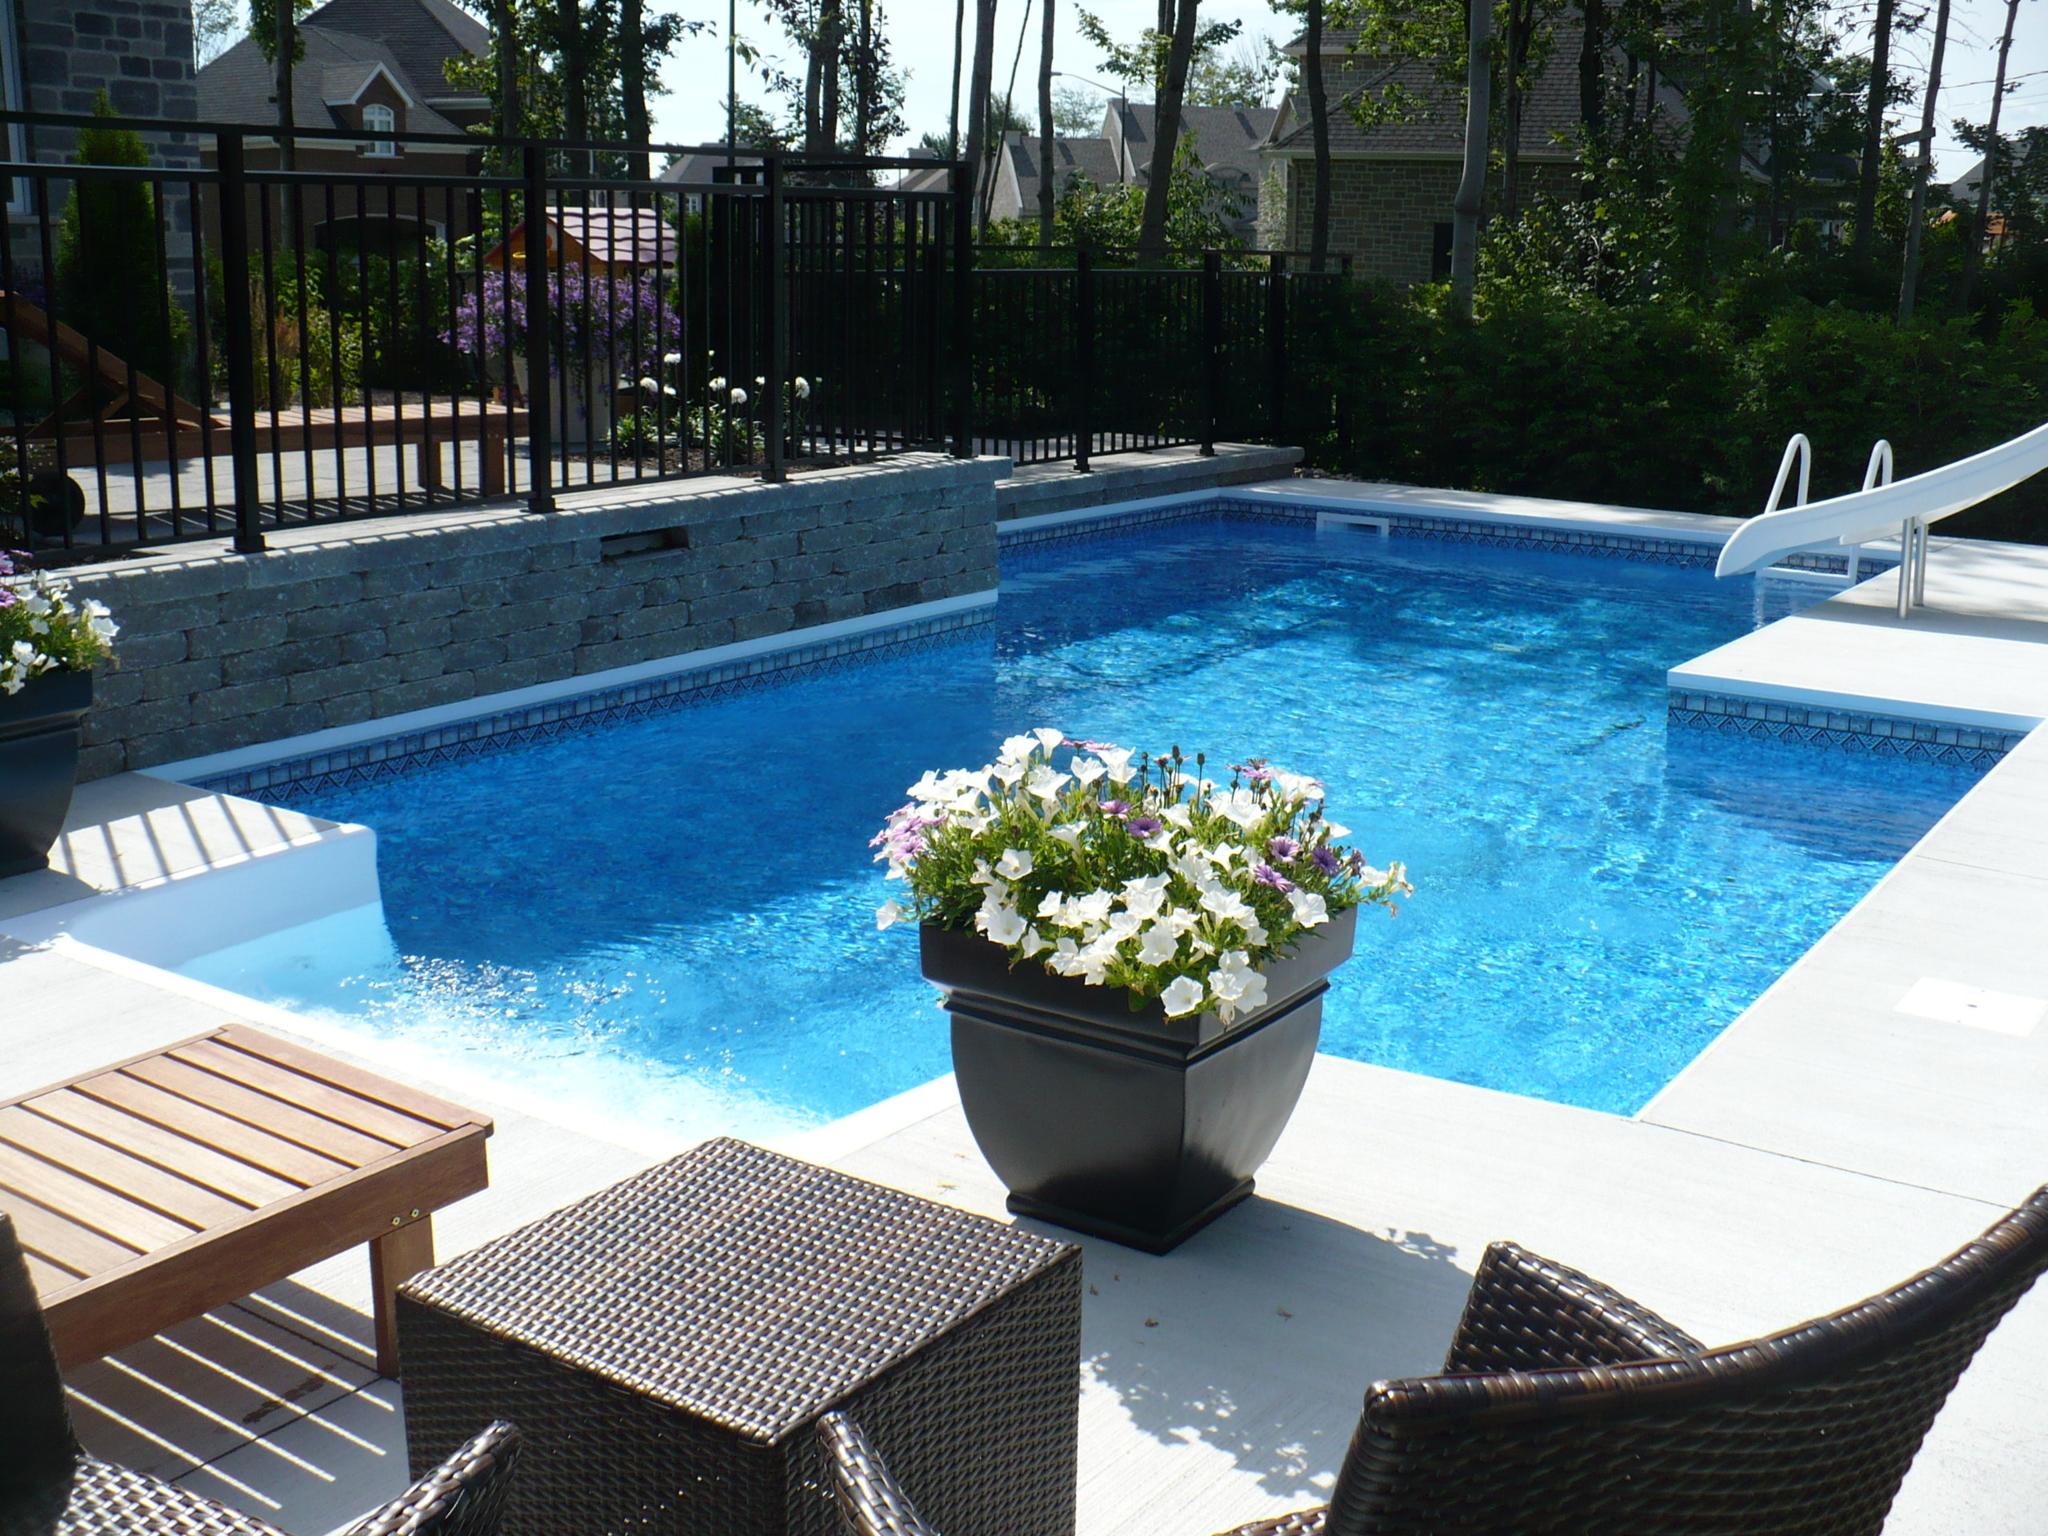 Concept piscine design enr qu bec qc ourbis for Cash piscine lempdes 63